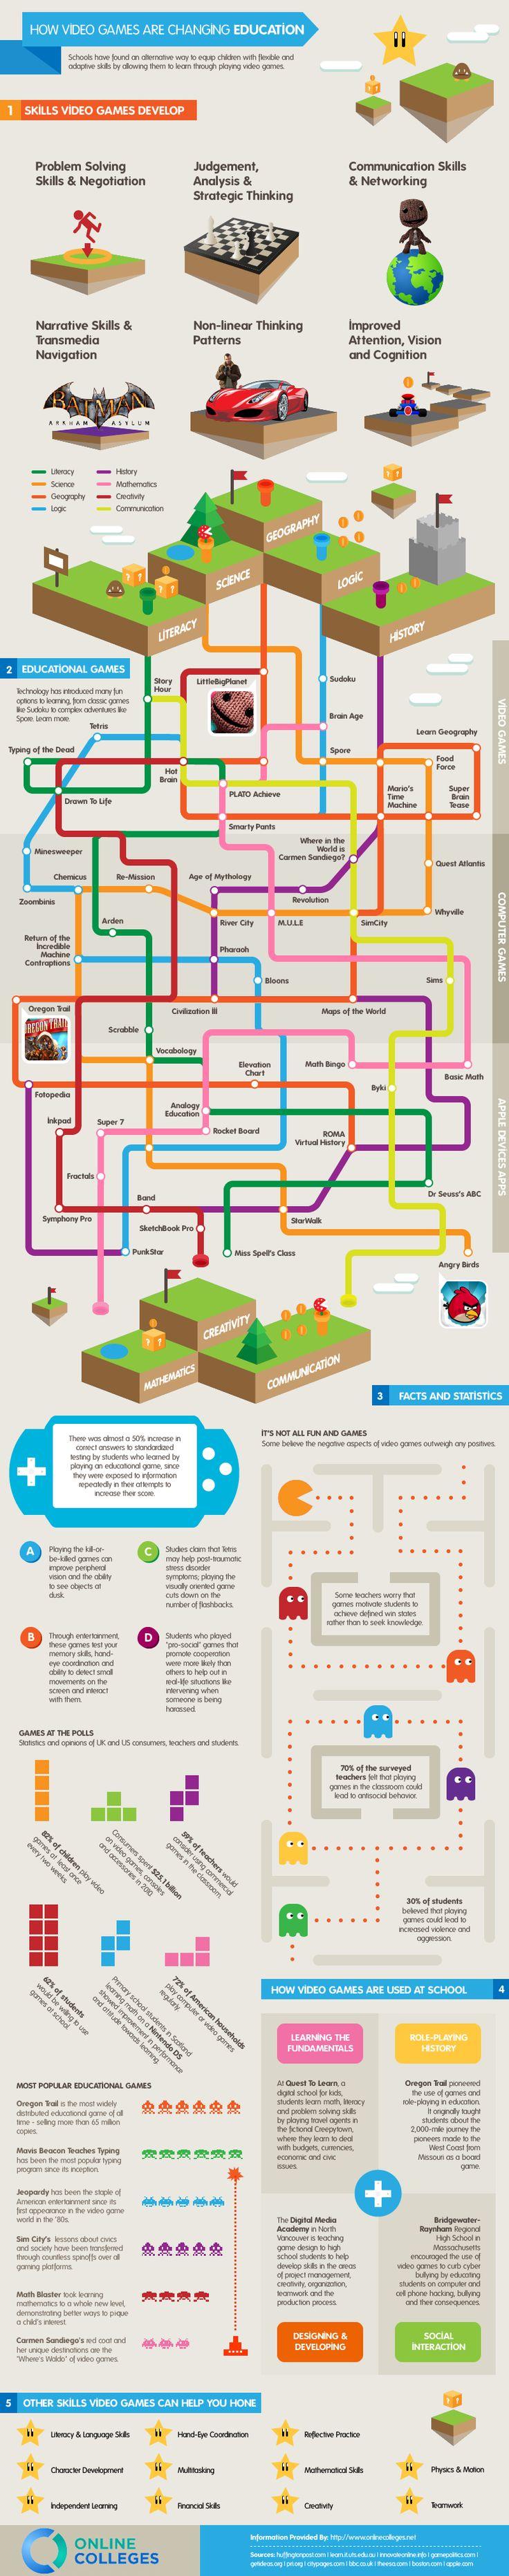 Cómo los videojuegos están cambiando la educación #infografia #infographic #education